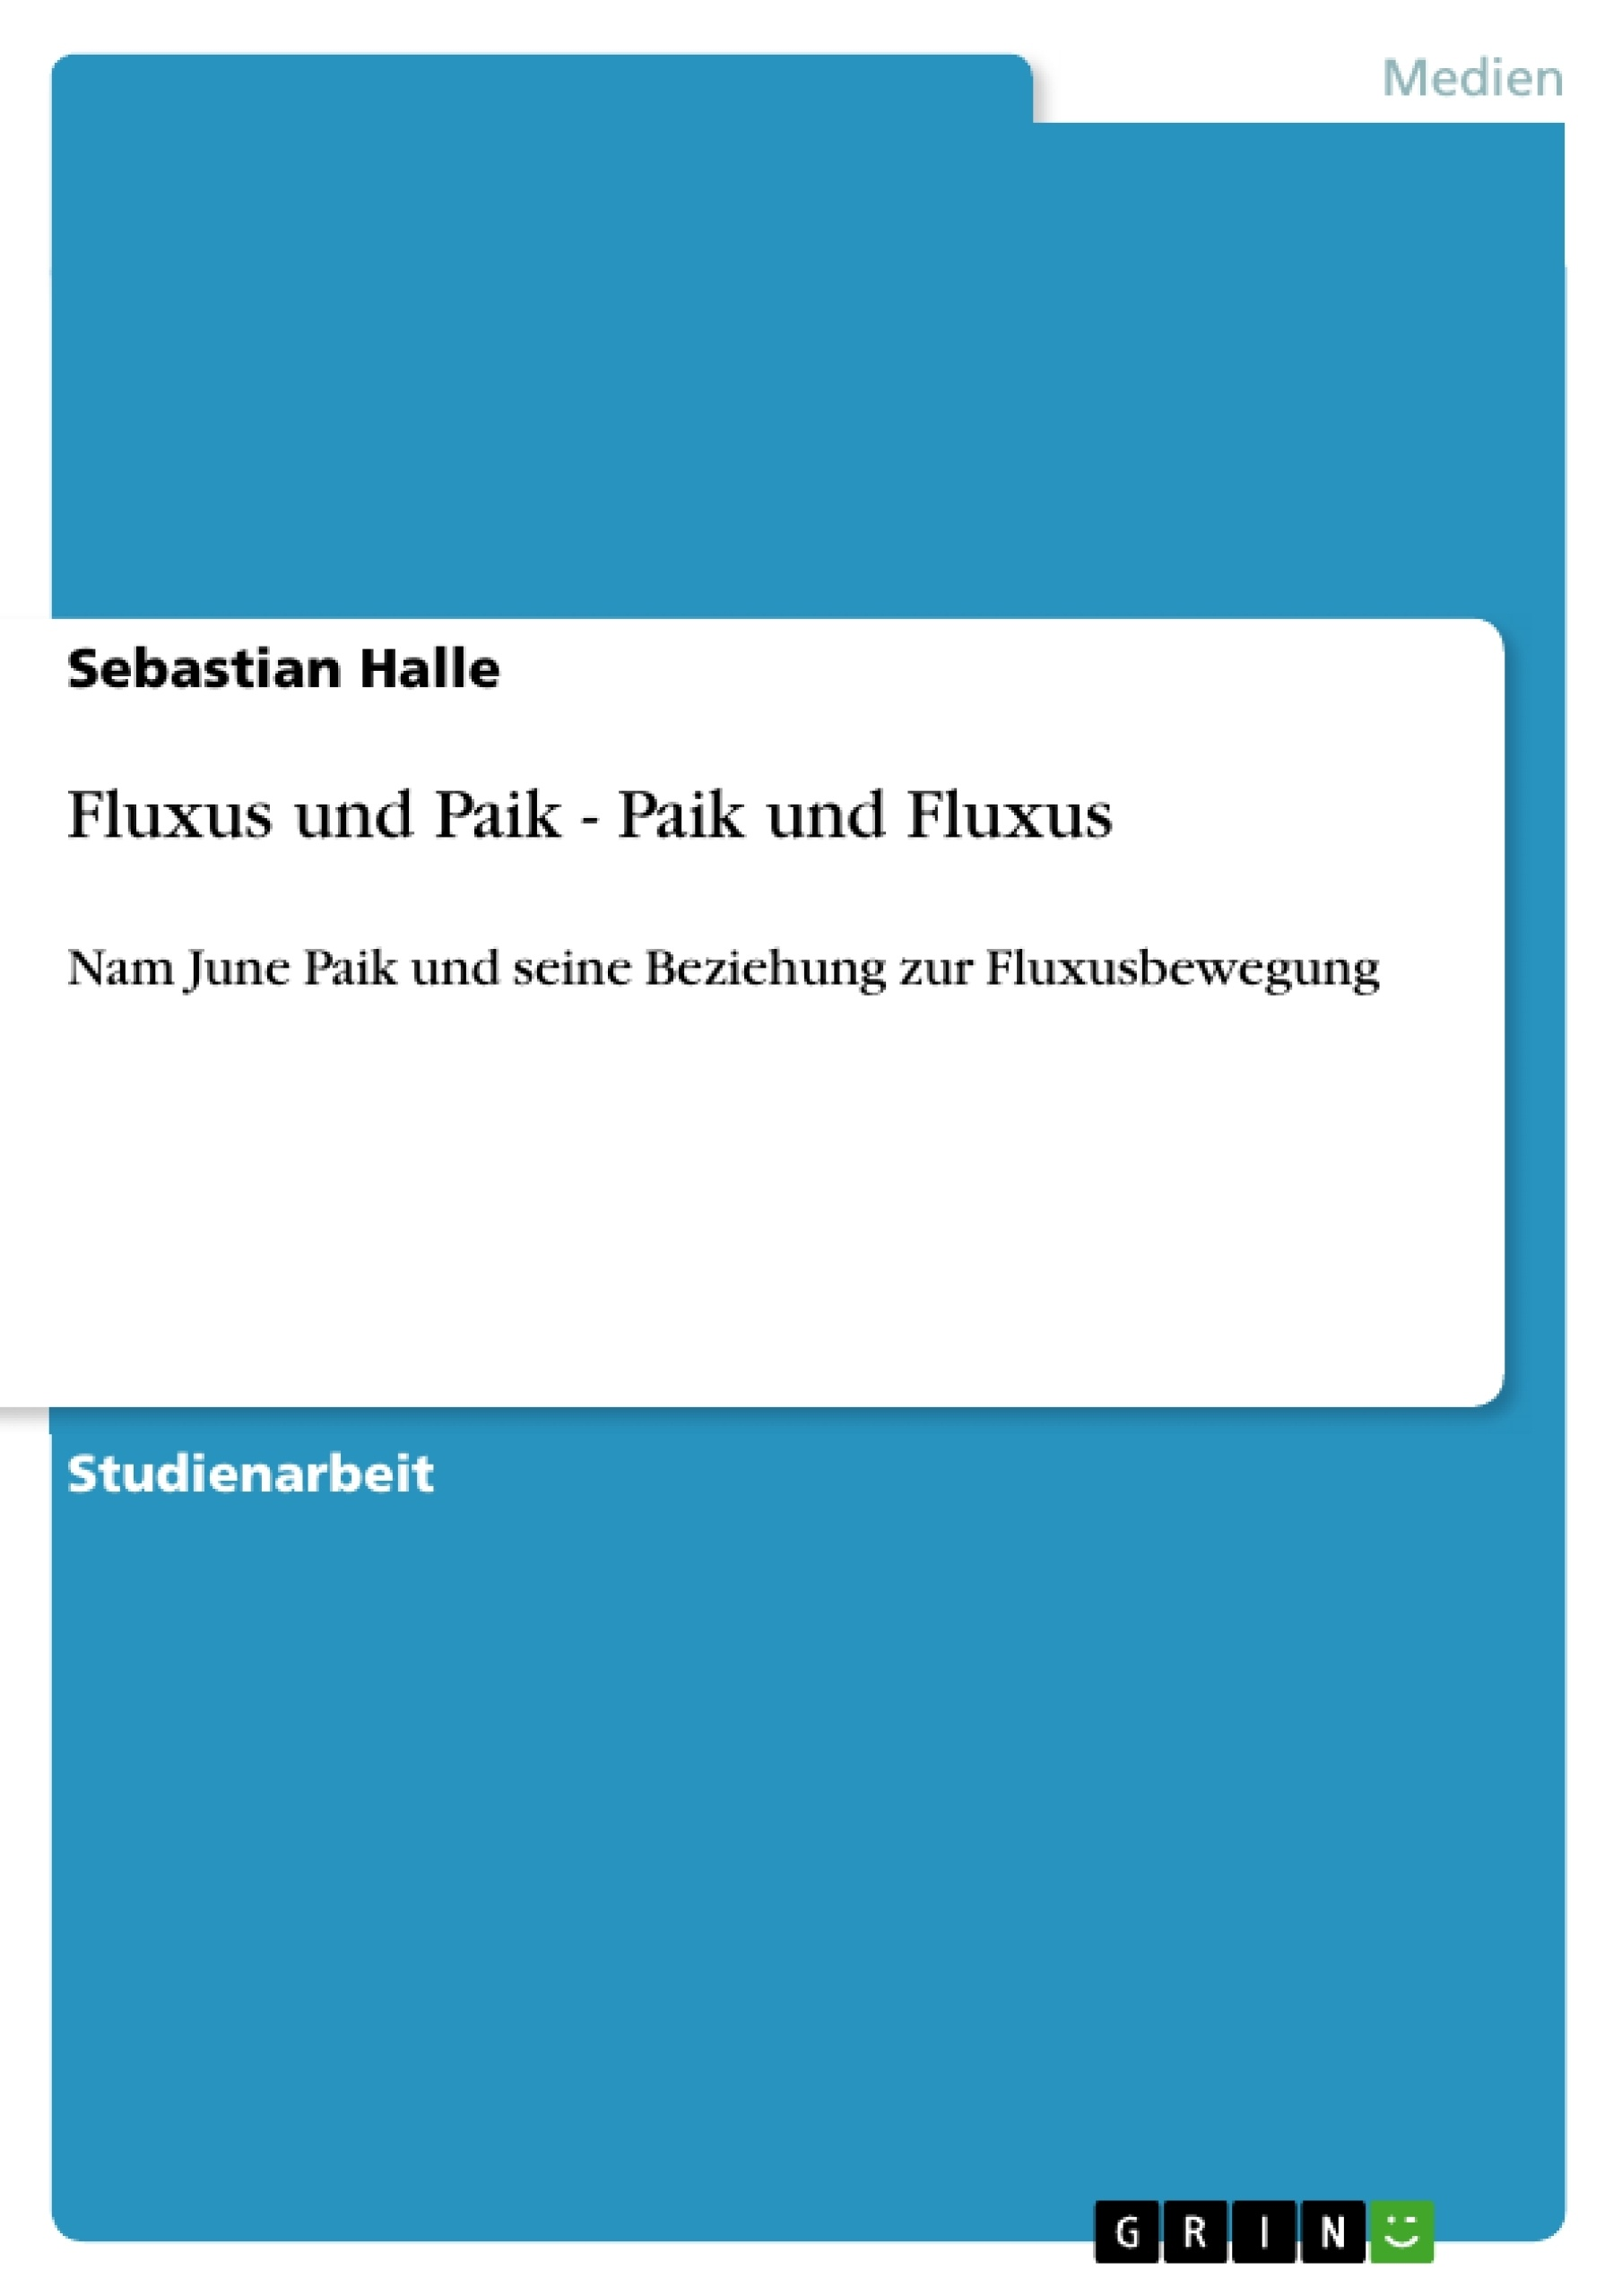 Titel: Fluxus und Paik - Paik und Fluxus